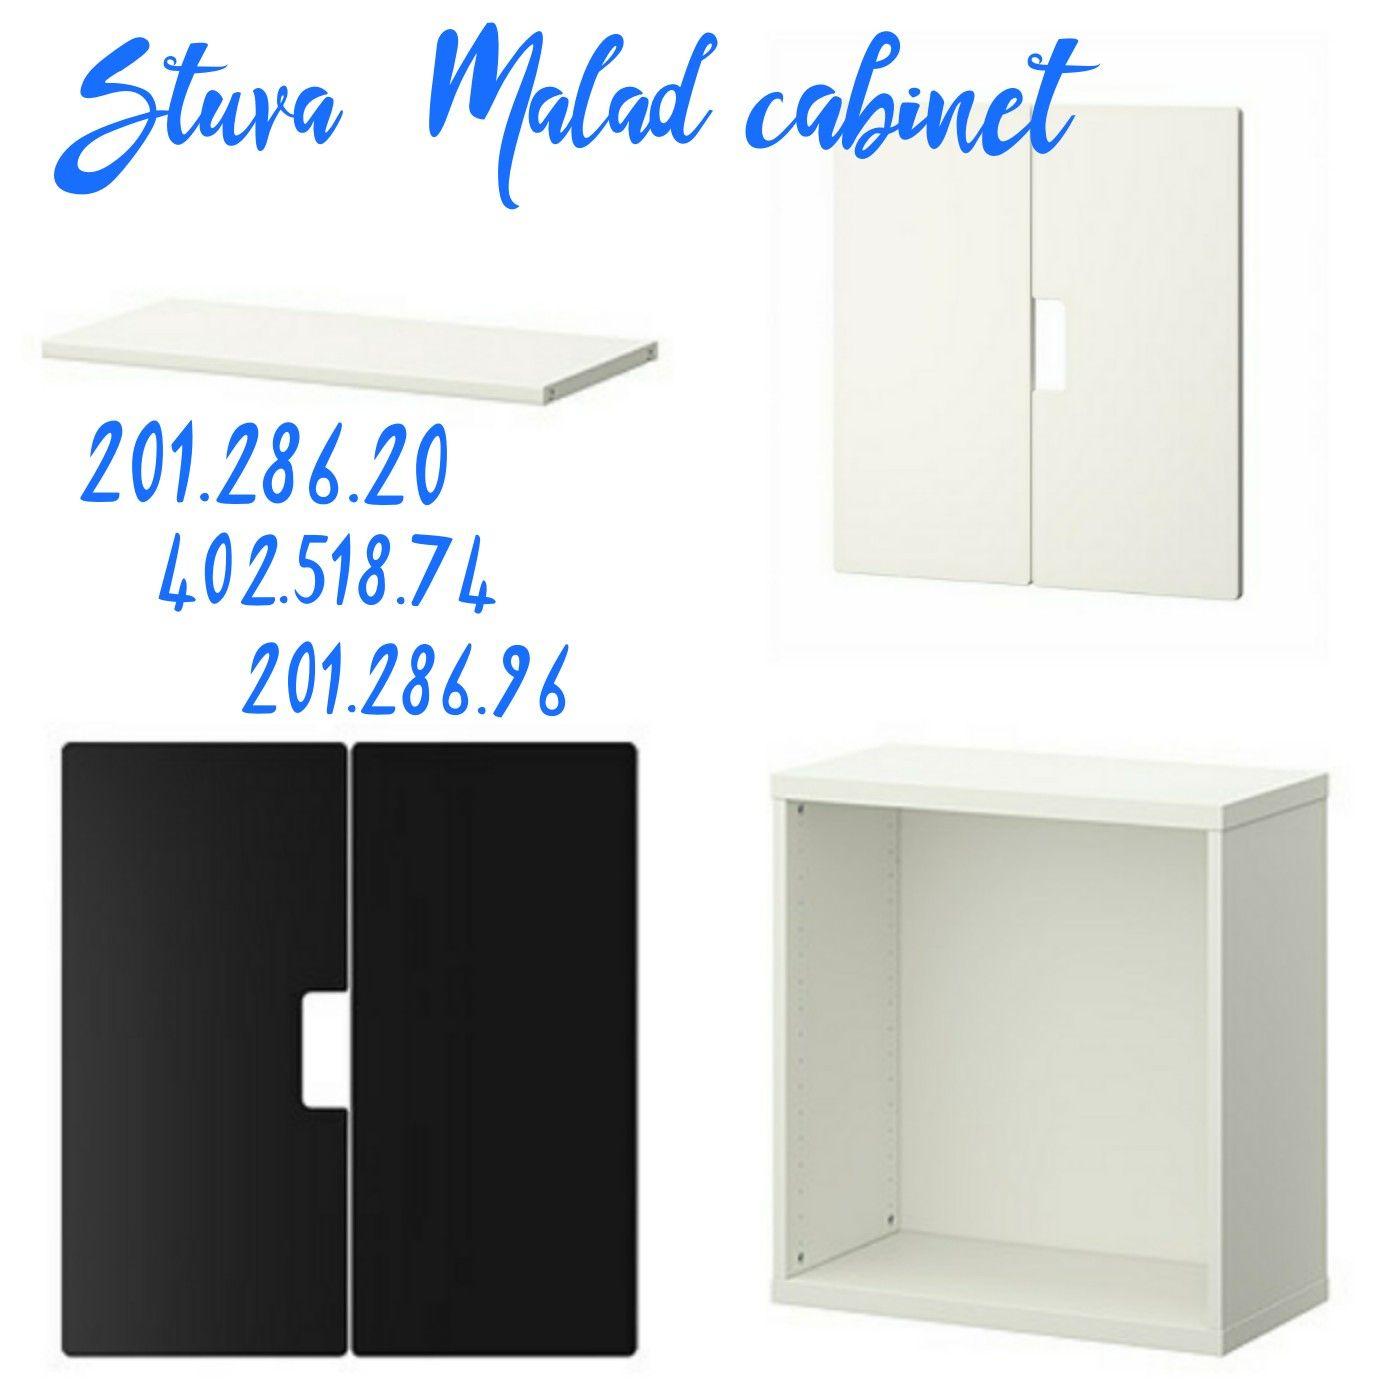 Ikea - Stuva Malad - Order 4 Shelves, Two Door